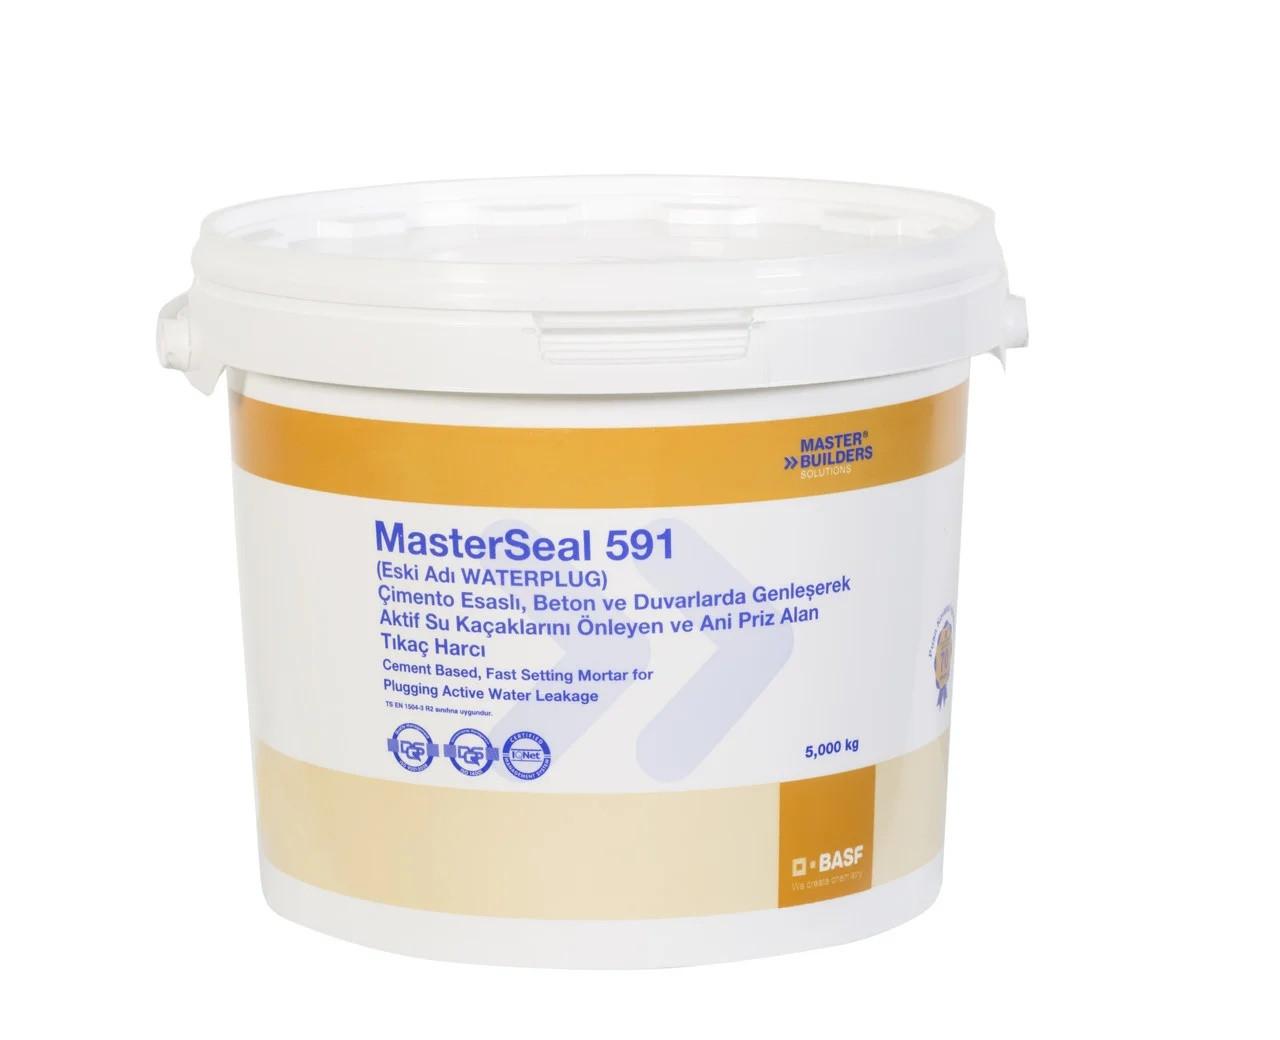 MasterSeal 591 Гидропломба 2мин, быстротвердеющий раствор для остановки активной течи воды